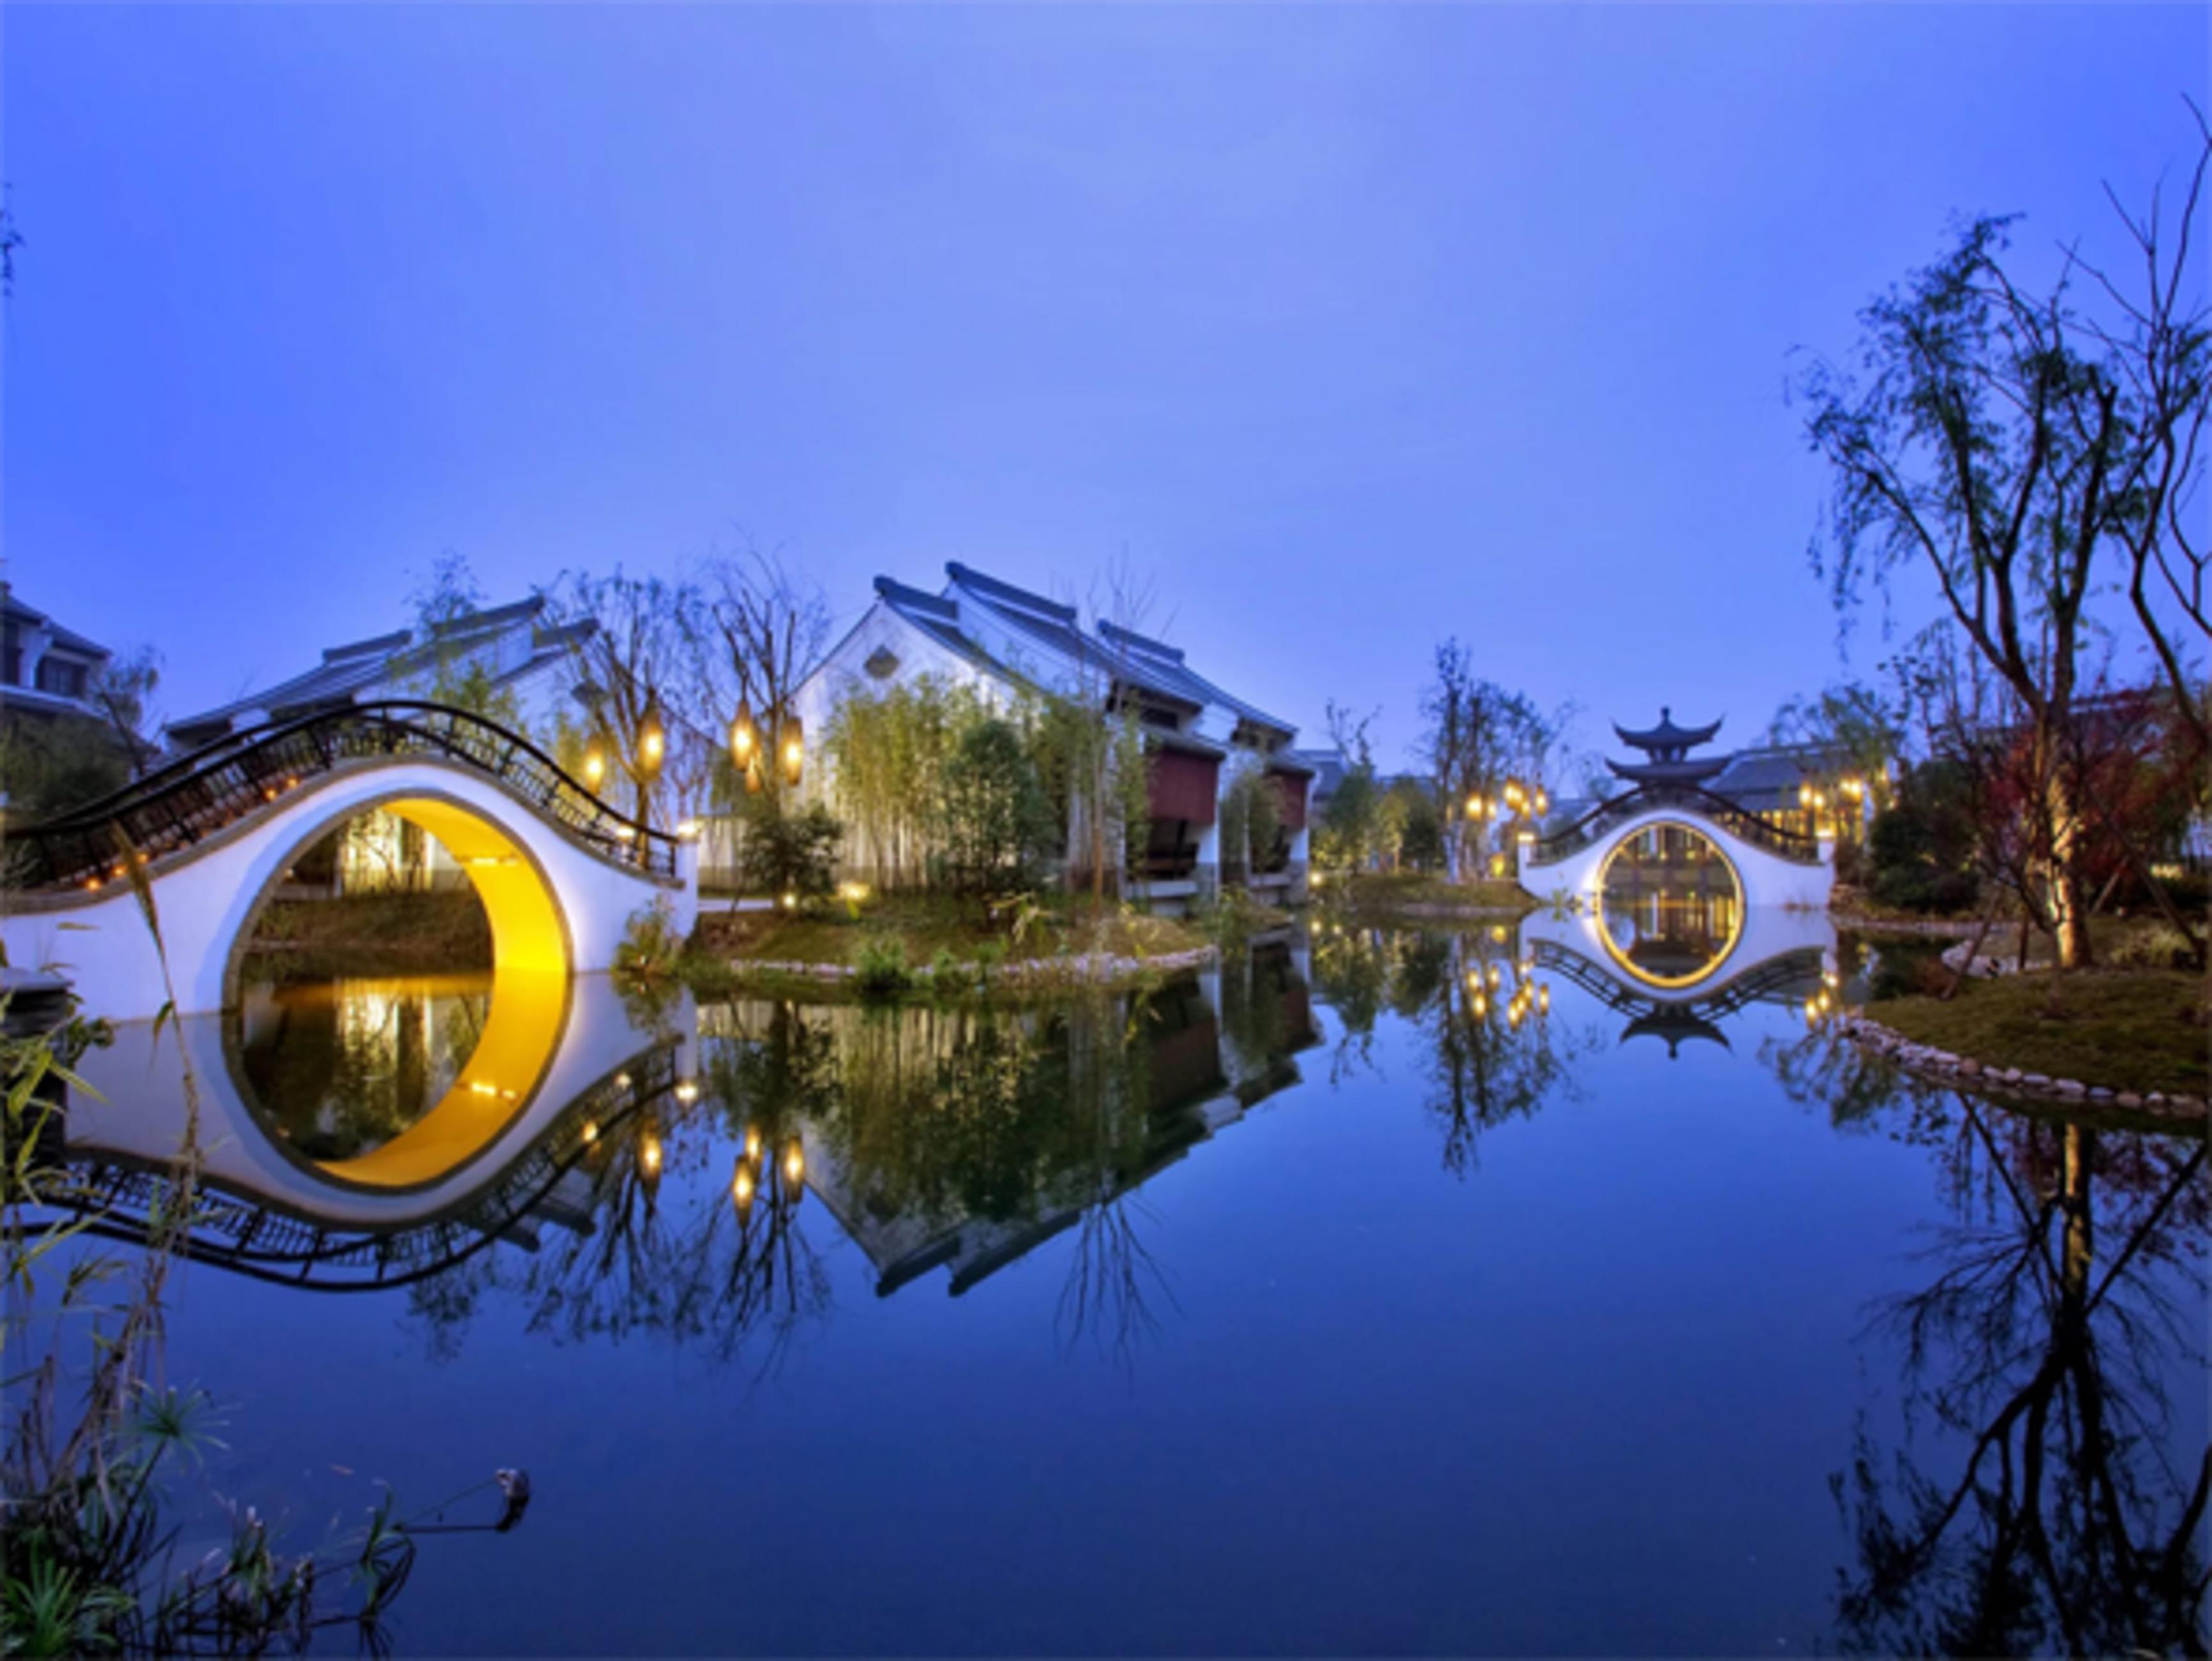 เที่ยวเต็มครบ 3 เมืองดัง  เซี่ยงไฮ้ - หังโจว - อู๋ซี  ร้าน STARBUCKS RESERVE ROASTERY  ใหญ่และสวยที่สุดในโลก 5วัน 3คืน